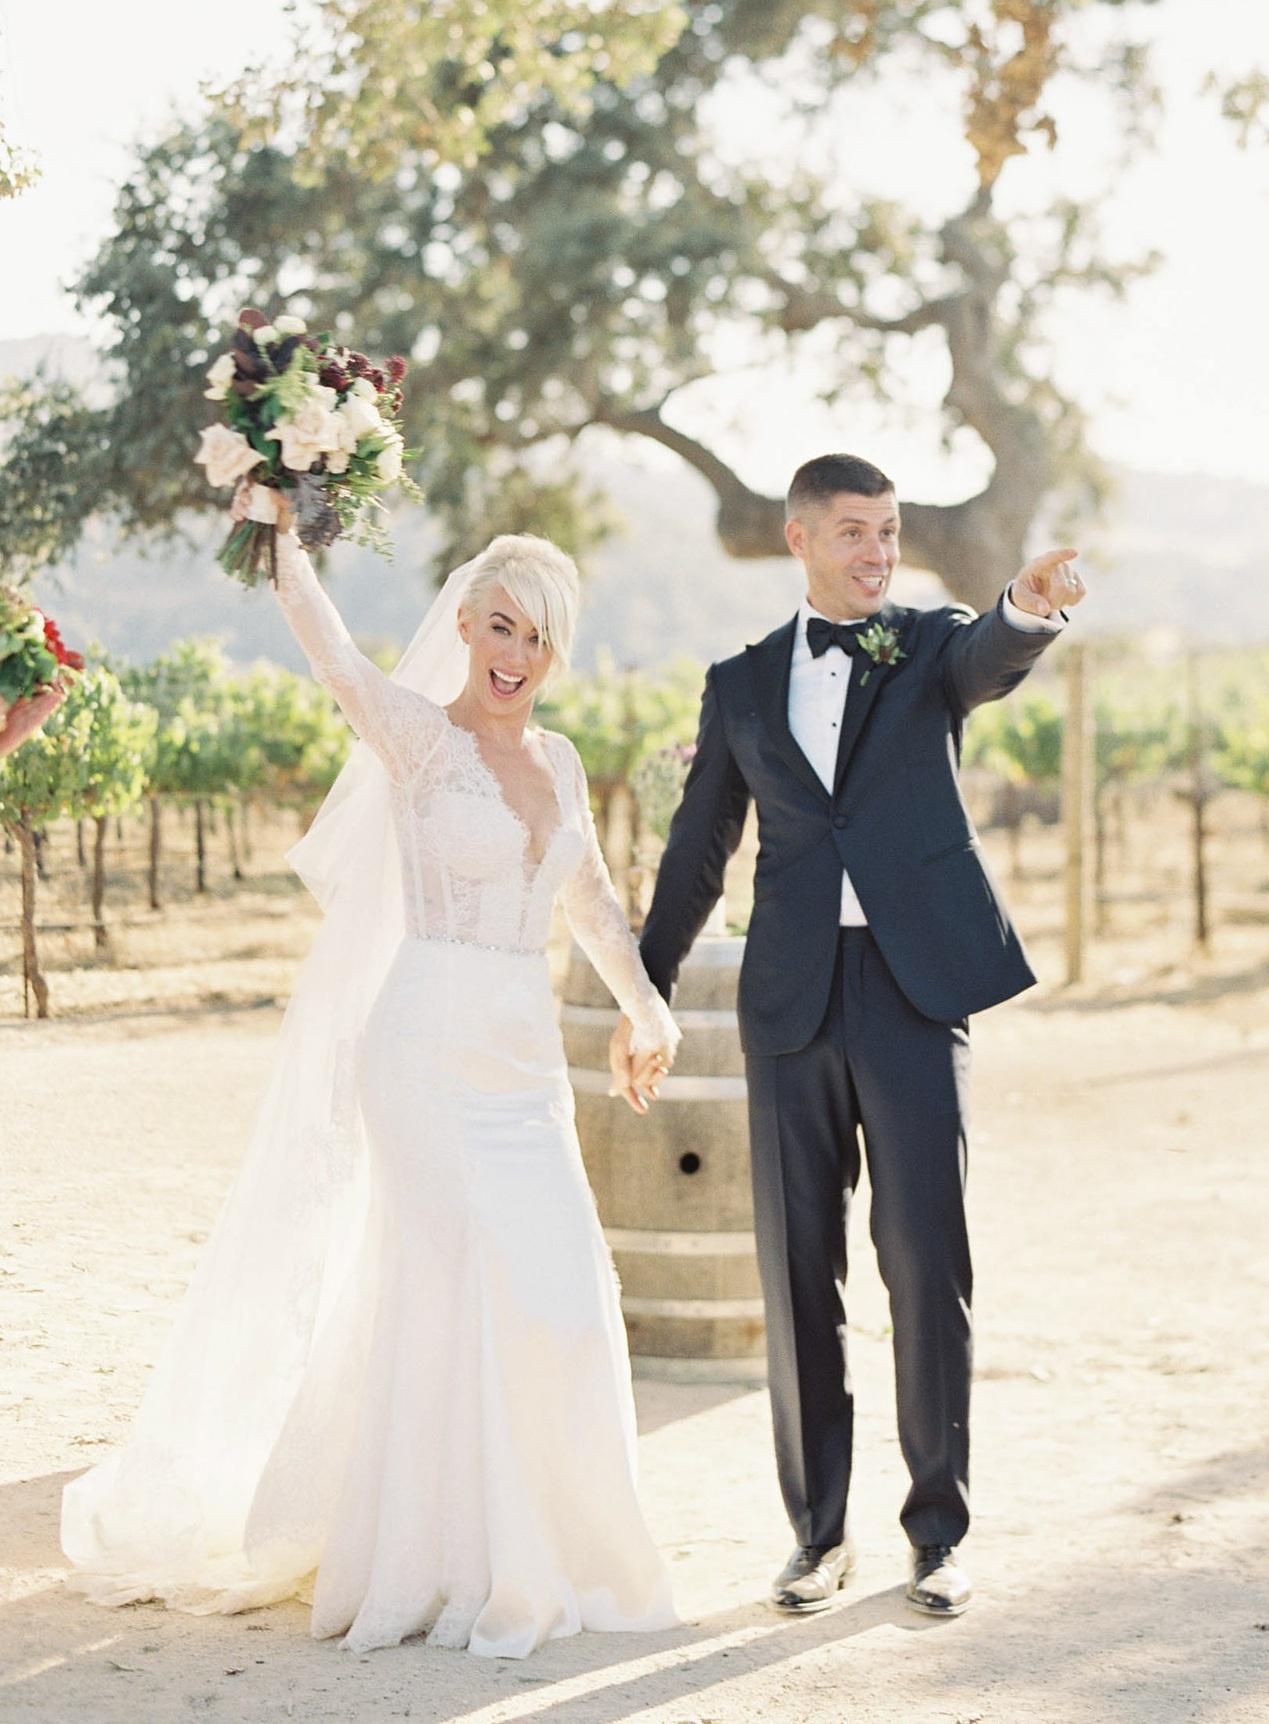 Sunstone_Villa_Wedding-52-Jen-Huang-JTEd-74-Jen_Huang-002826-R1-016.jpg